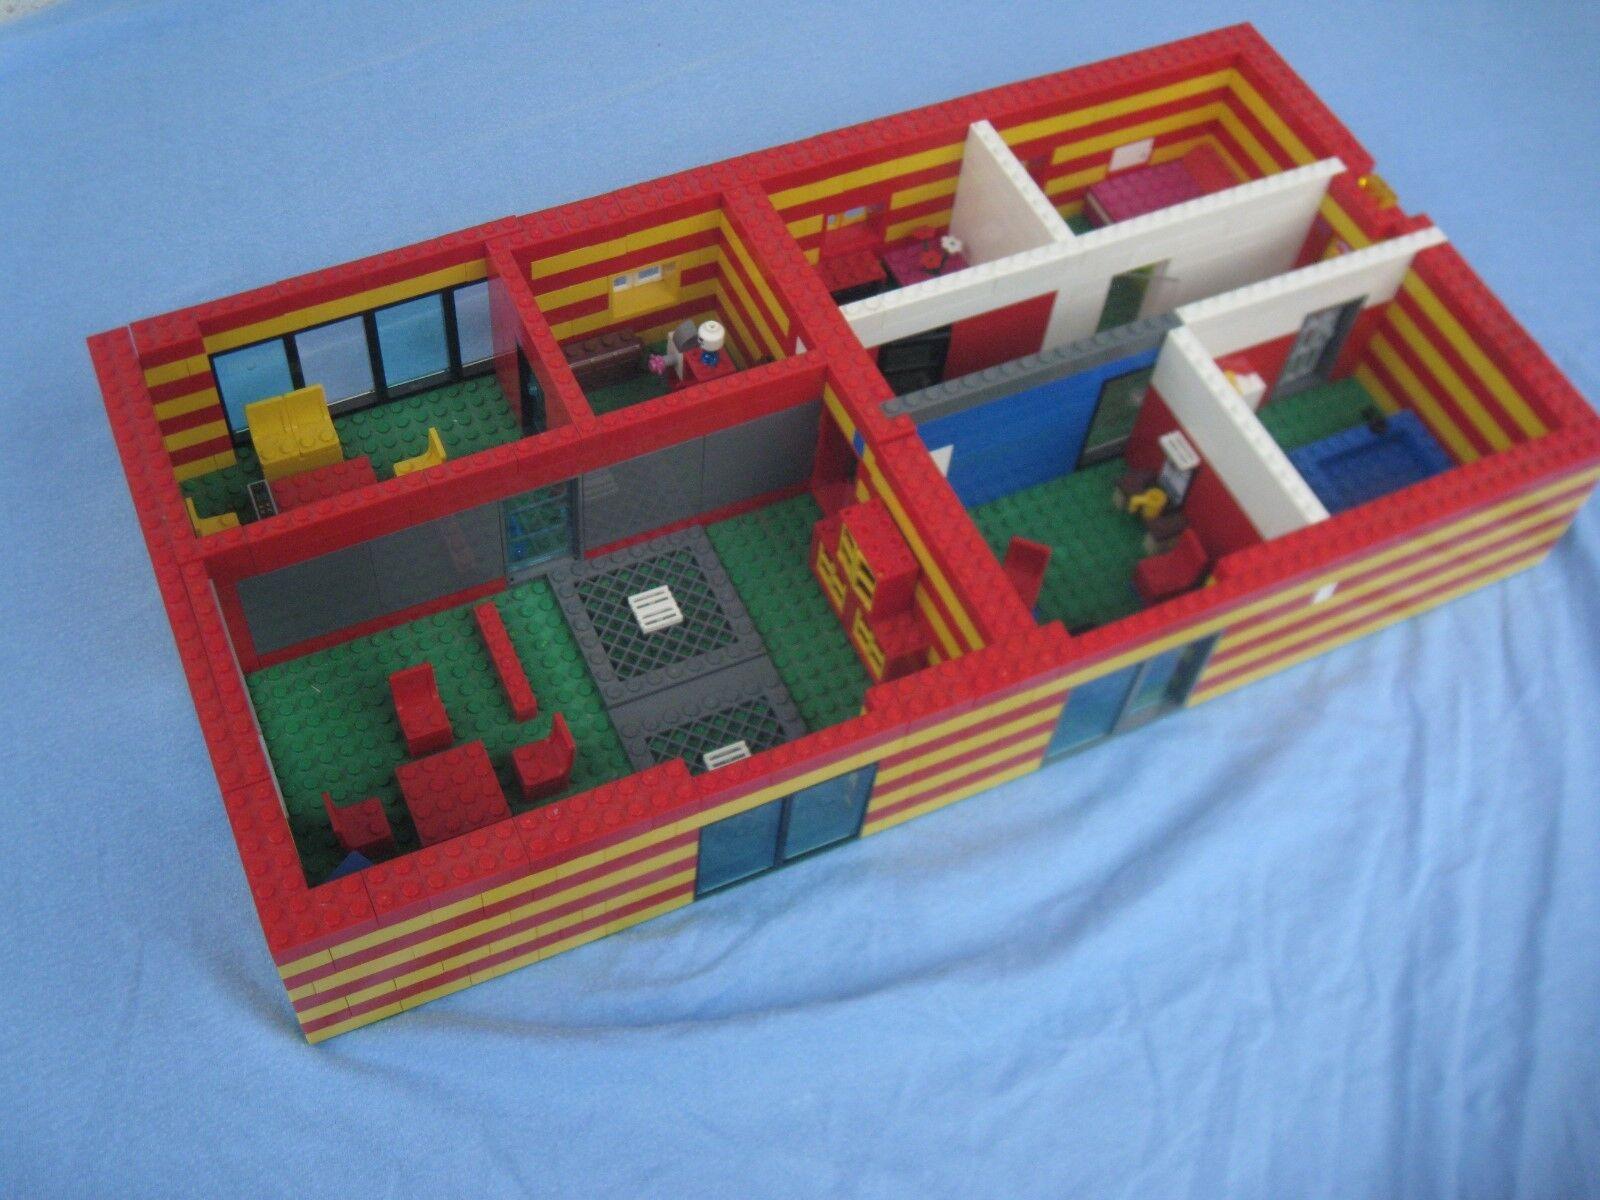 WONHUNG -VINTAGE LEGO - LEGOSTEINE - - - SPEZIALSTEINE - EIGENBAU - UNIKAT 1a96ba